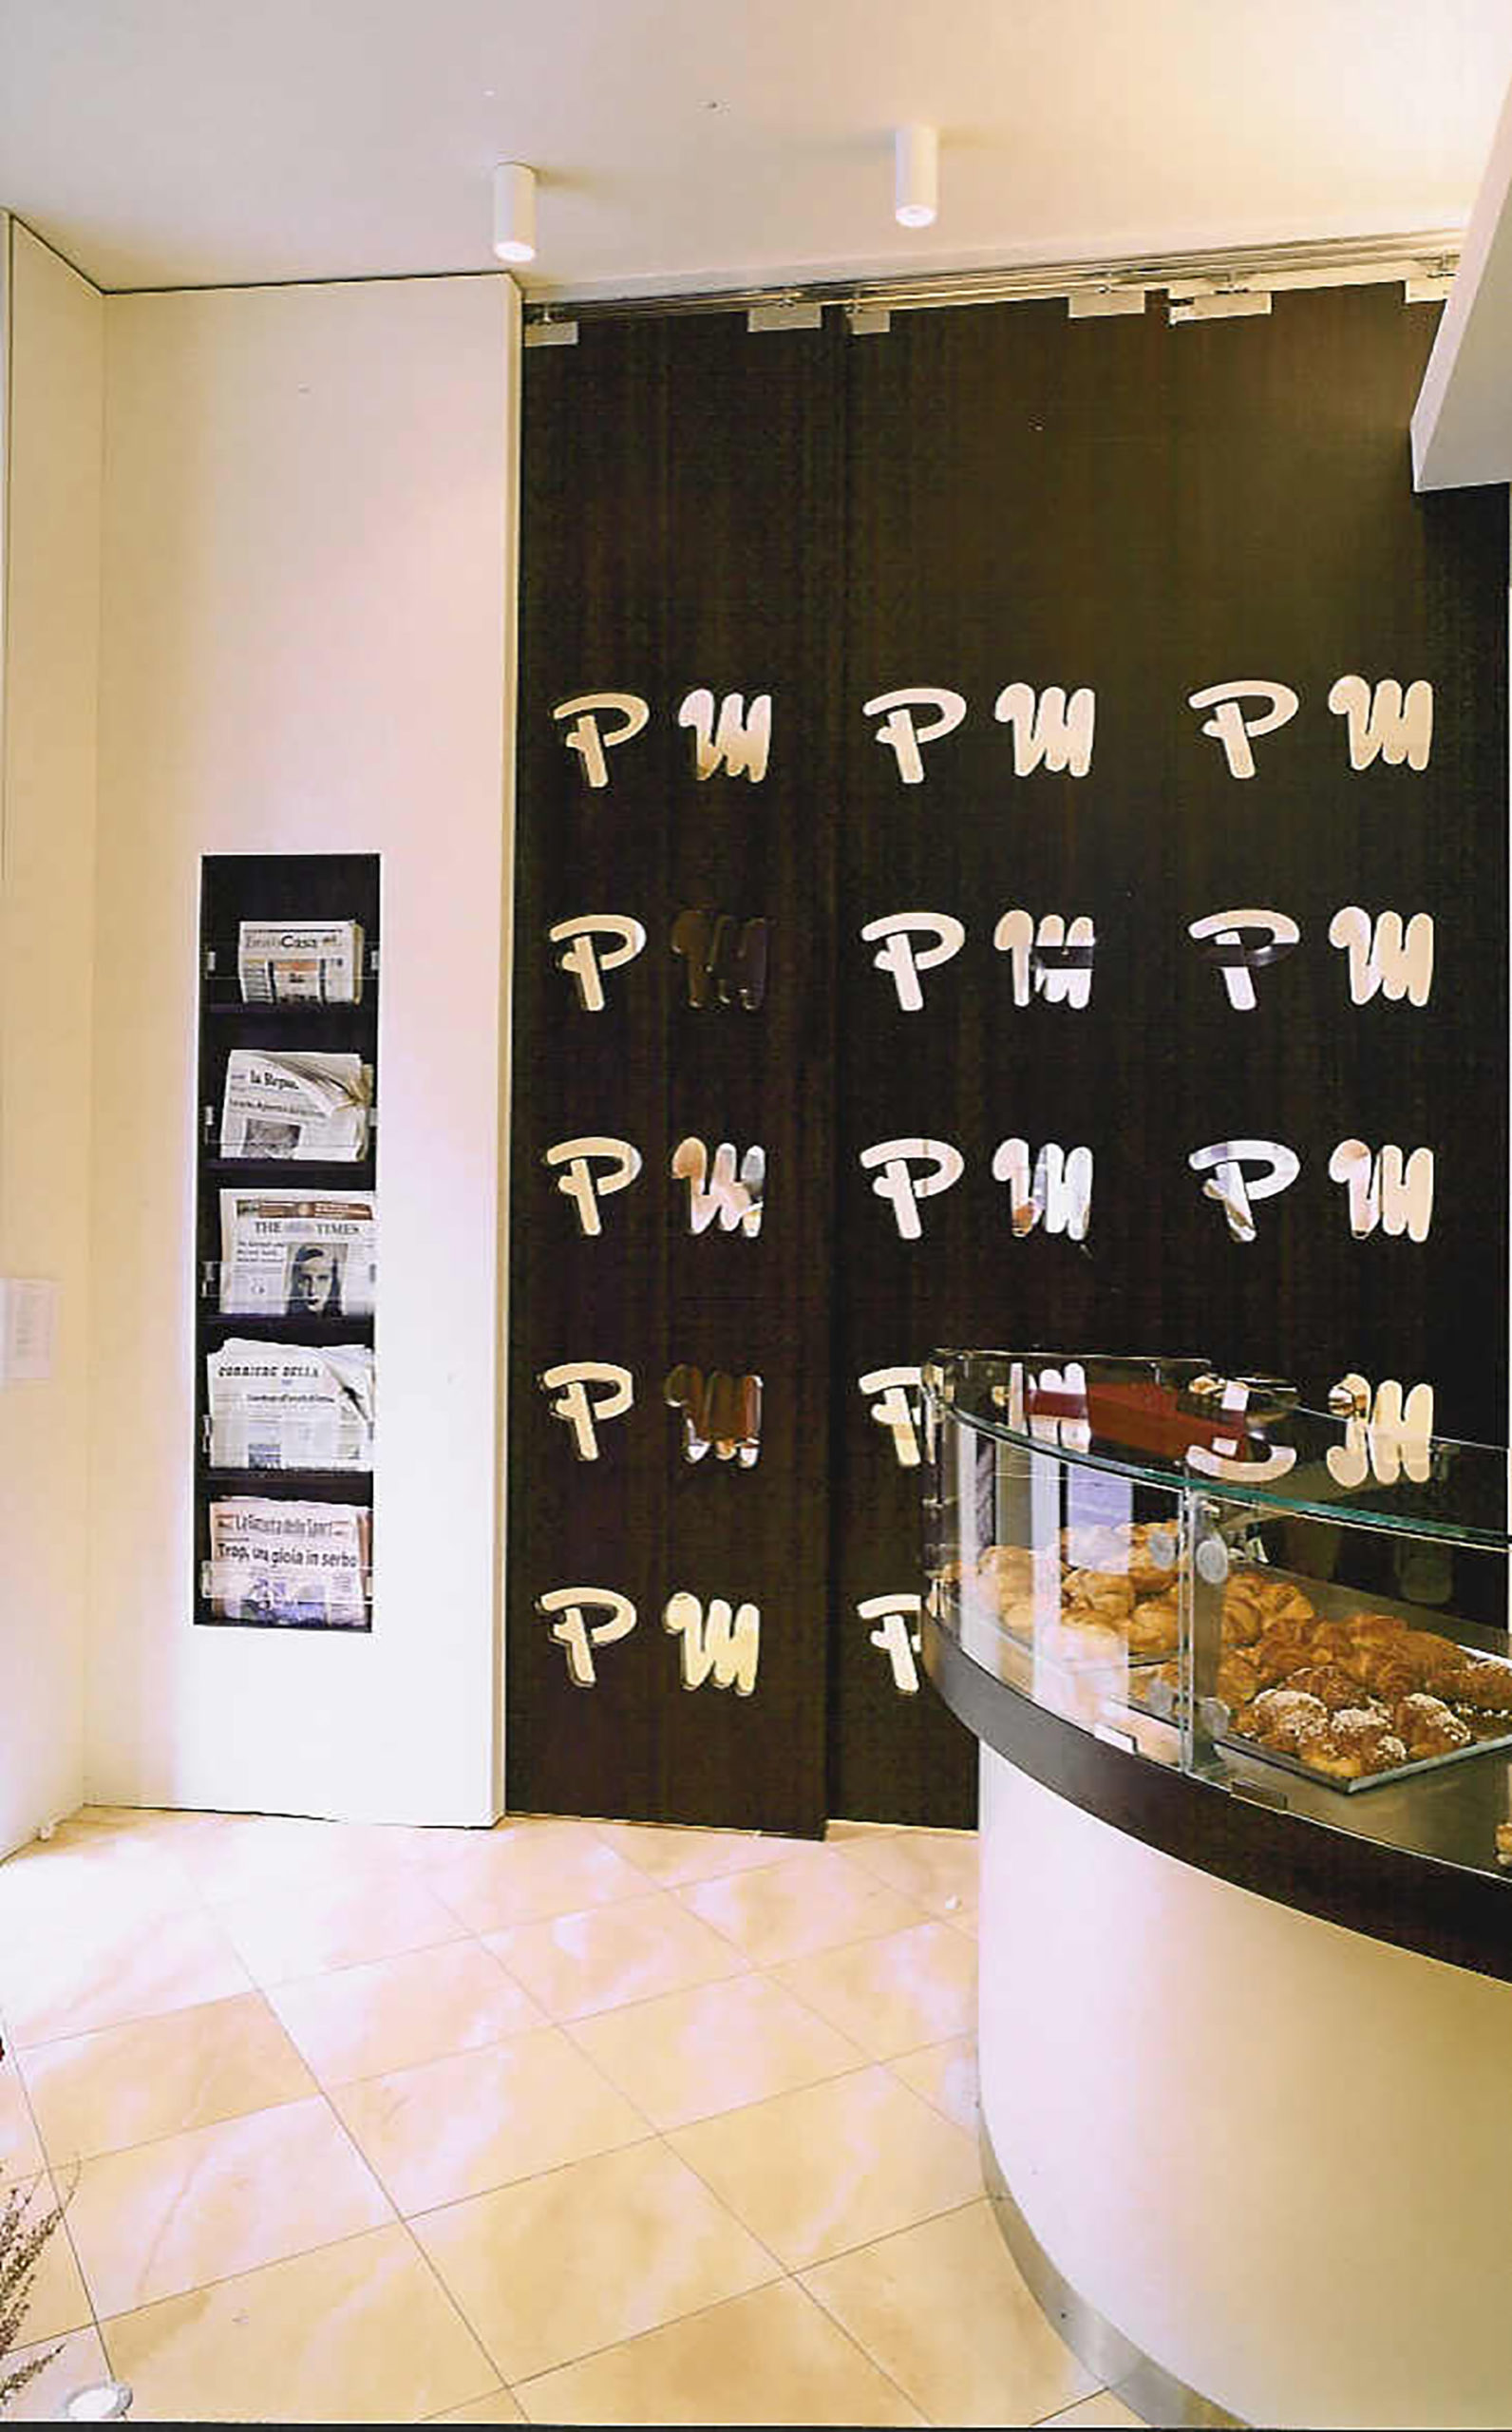 P&M 2003 (9)